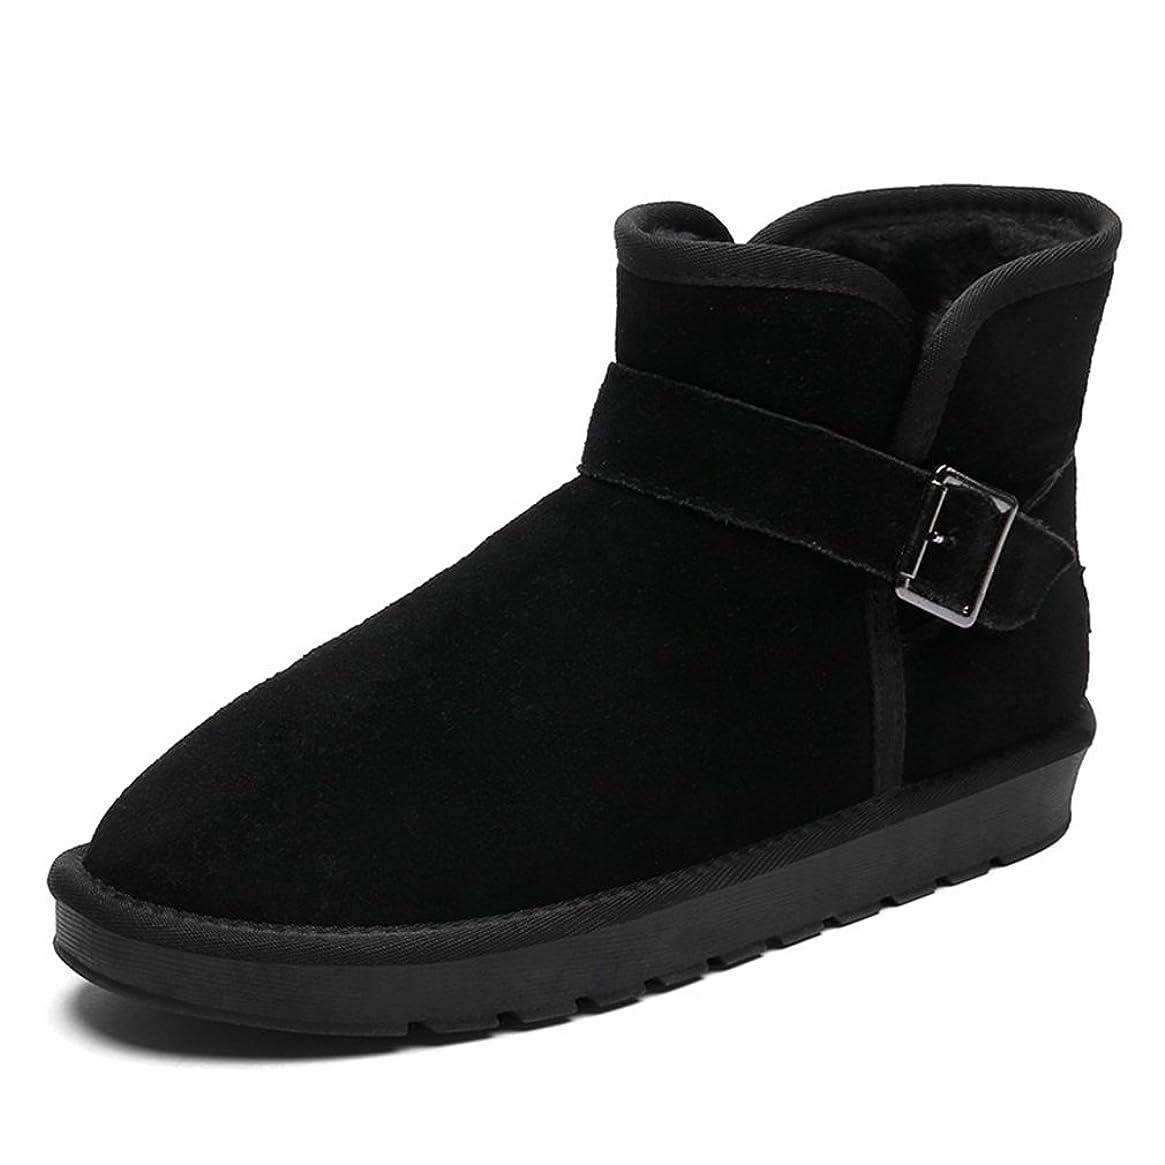 代わりに夕食を食べる取り出す[サニーサニー] スノーブーツ 綿靴 レディース メンズ 革靴 防水 ショート あったか 男性/女性用 冬用ブーツ お揃い もこもこ 裏起毛 ボア付き 厚底 オシャレ 防寒 防滑 通勤 雨雪 23.0~28.5cm